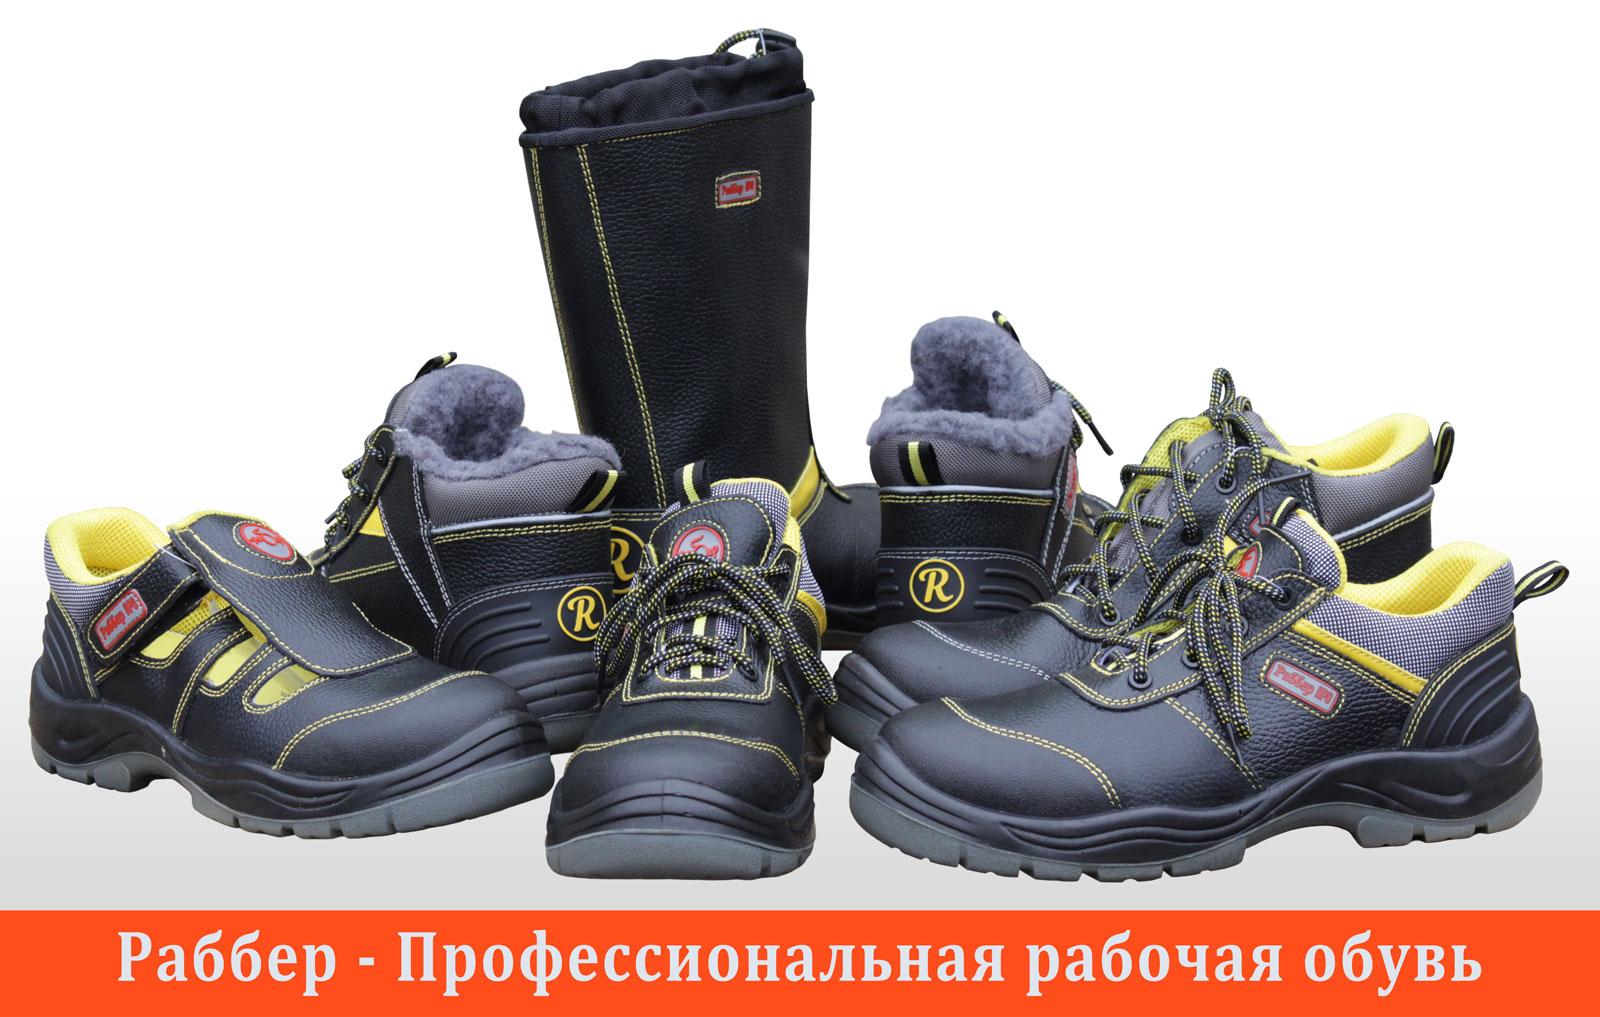 Коллаж из ассортимента рабочей обуви РАББЕР